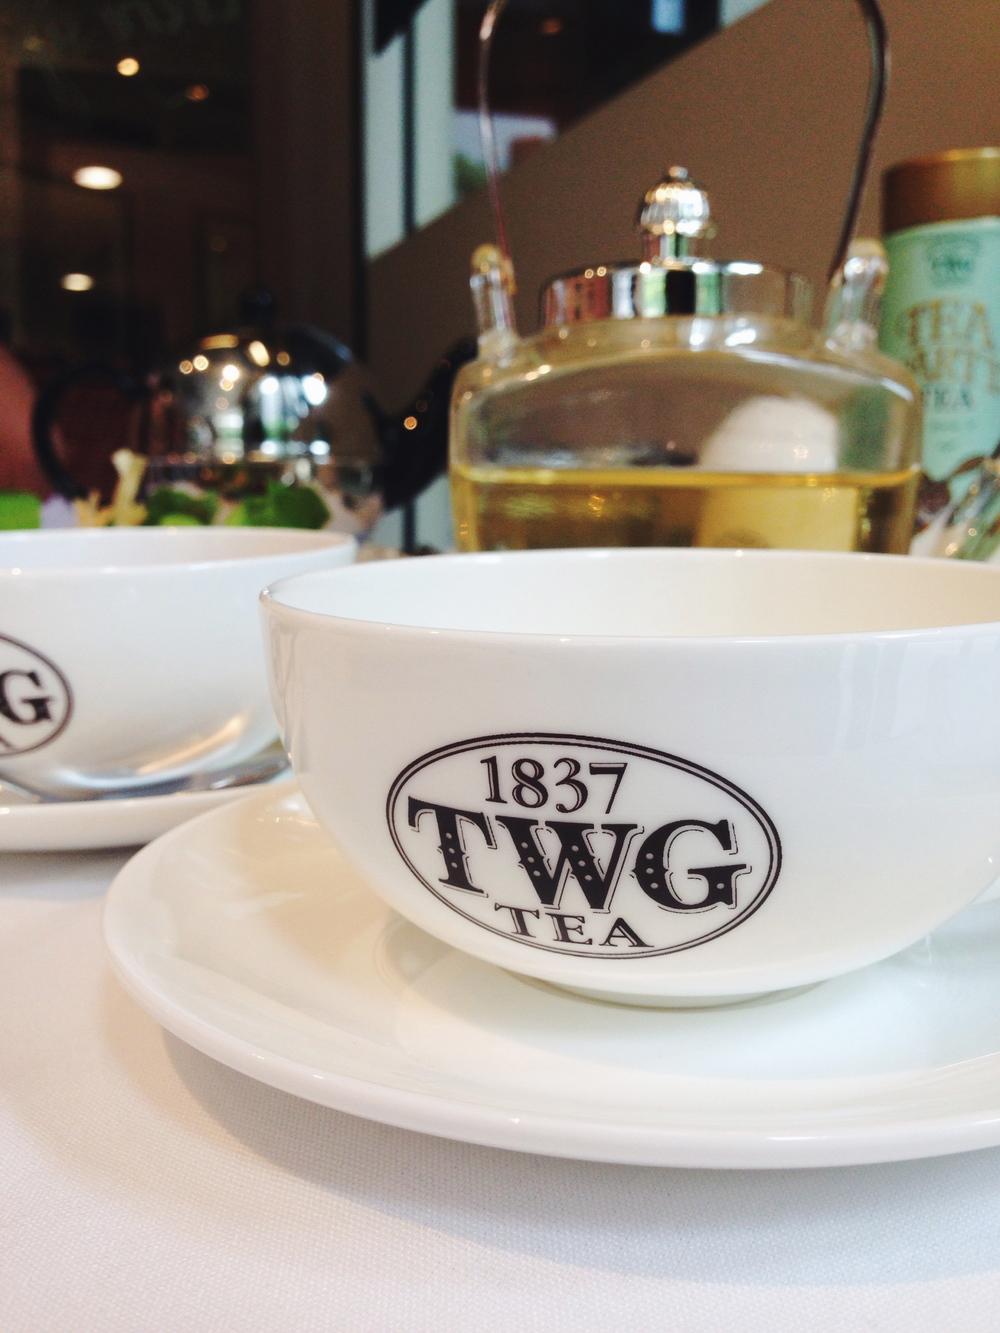 TWG TEA 1837